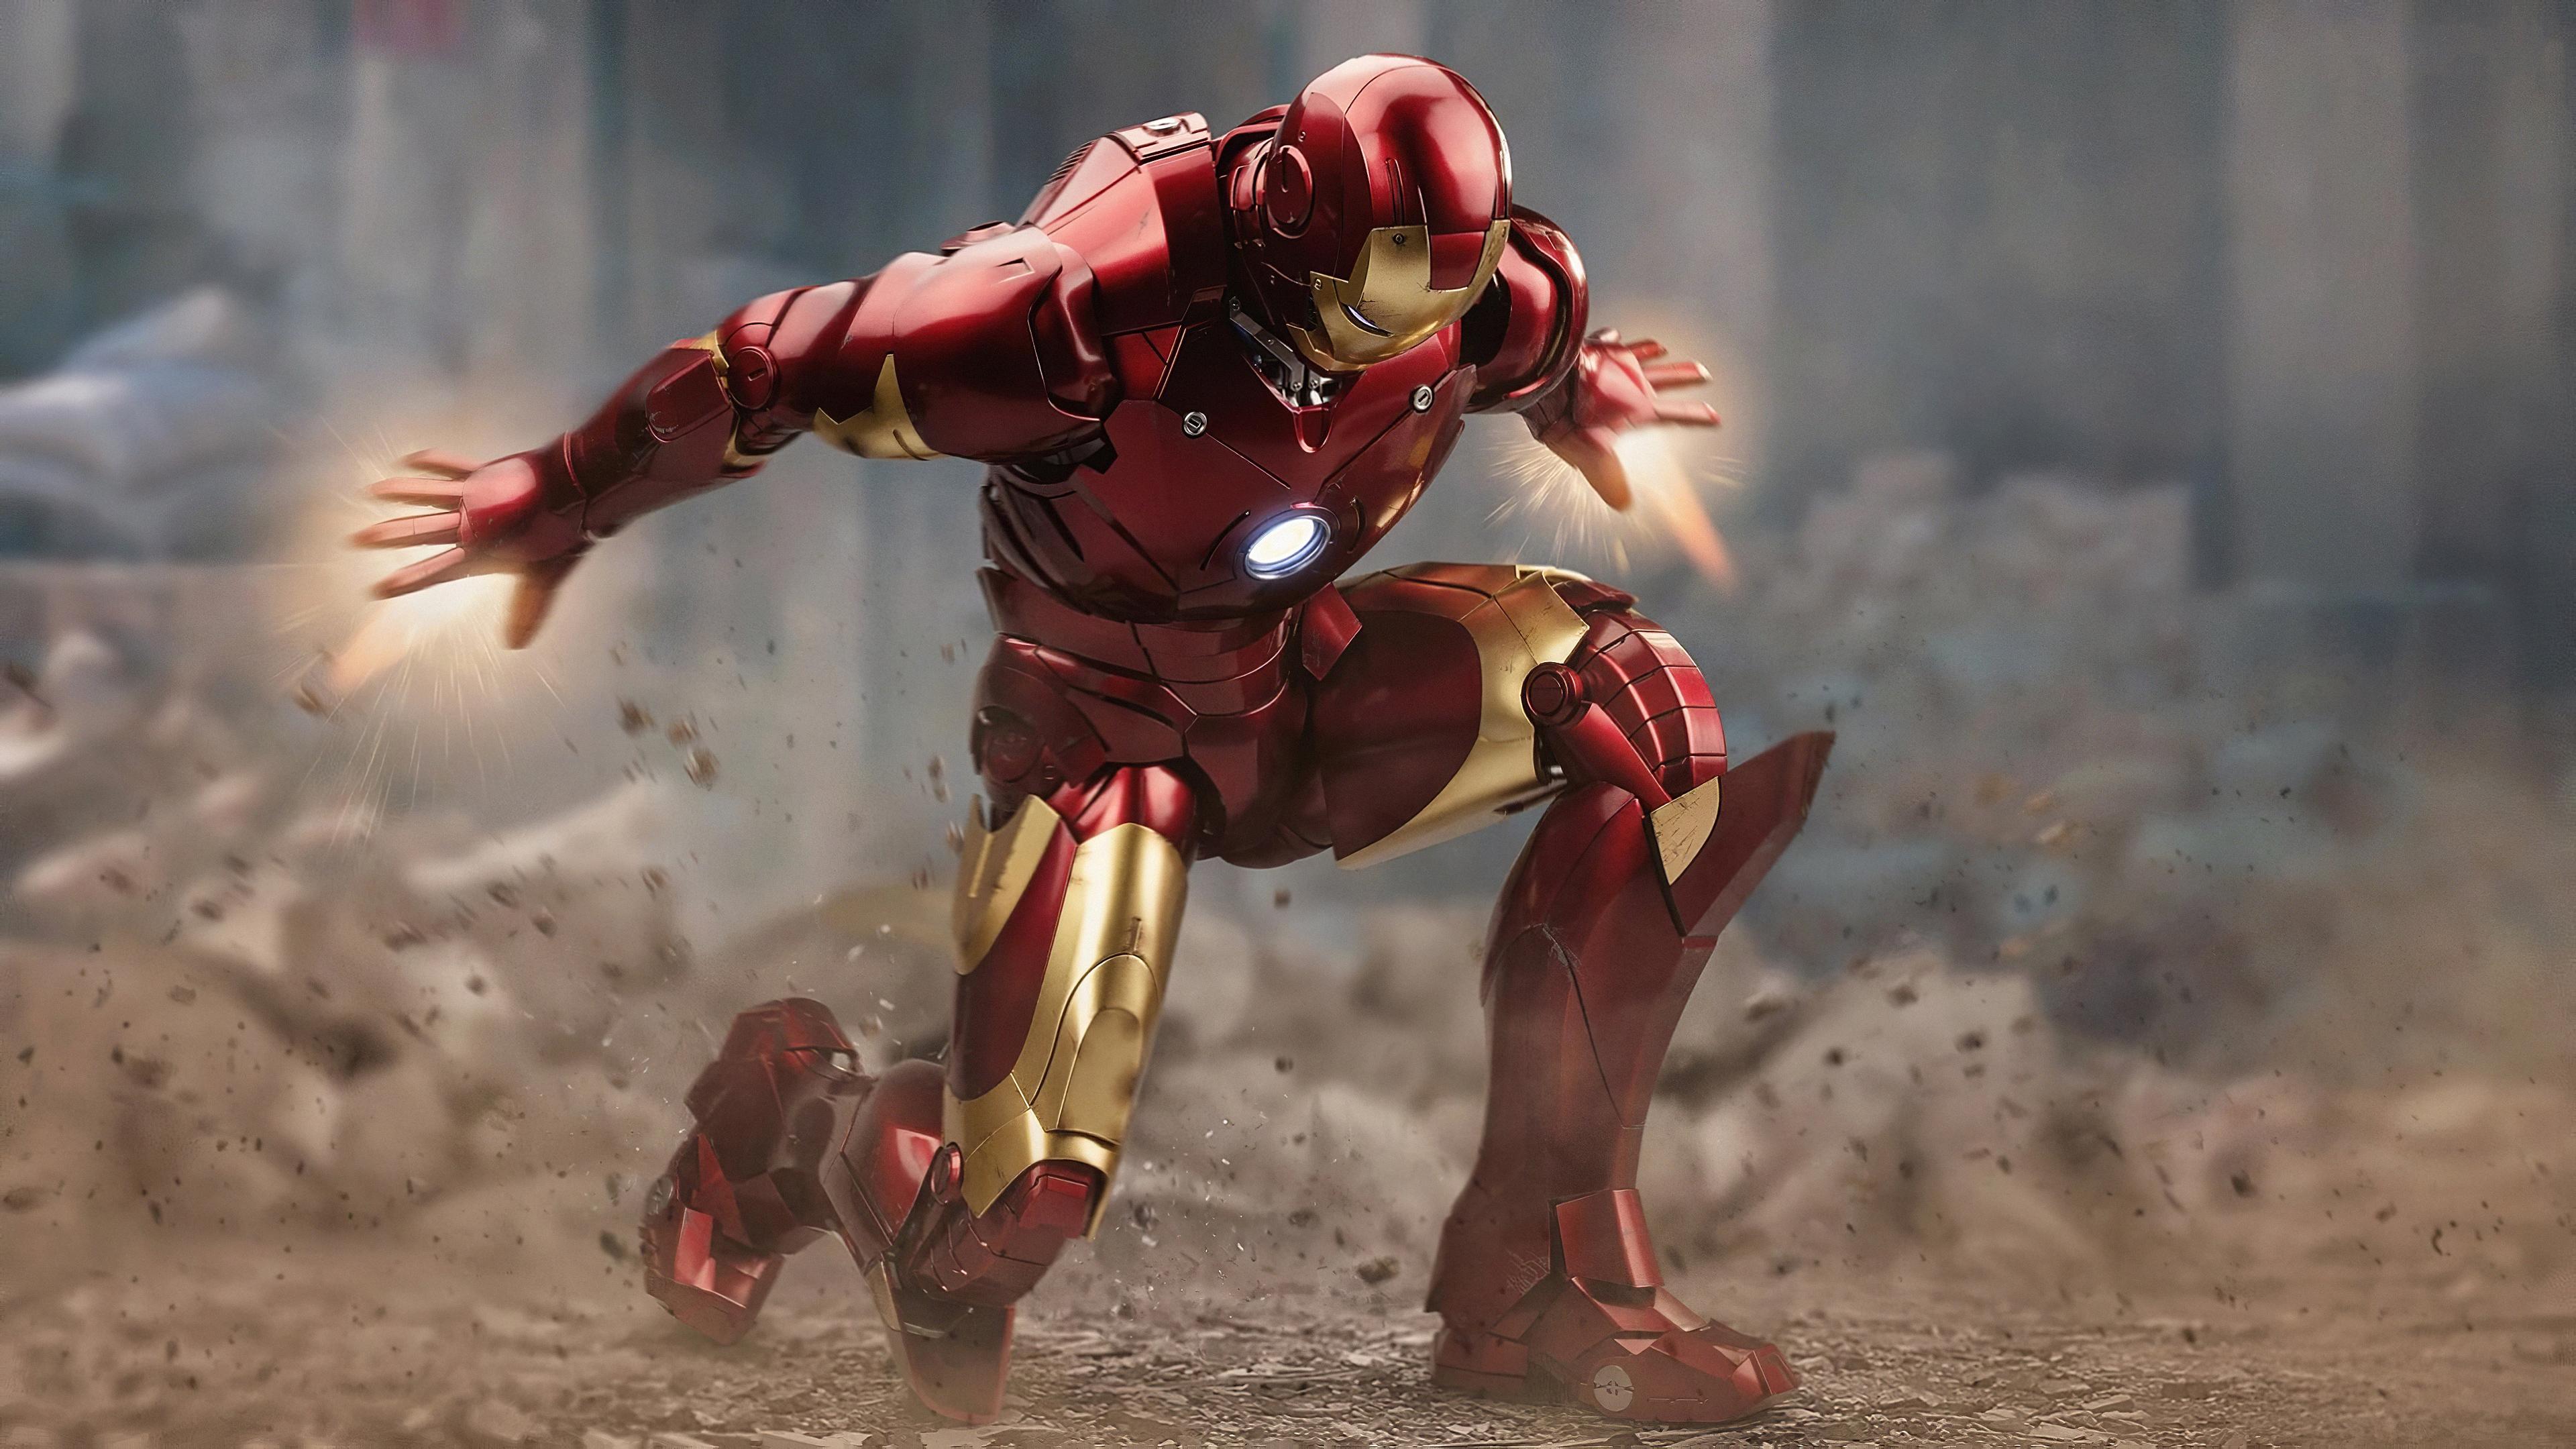 iron man for fly 1576090688 - Iron Man For Fly - iron man hd 4k wallpaper, iron man art wallpaper